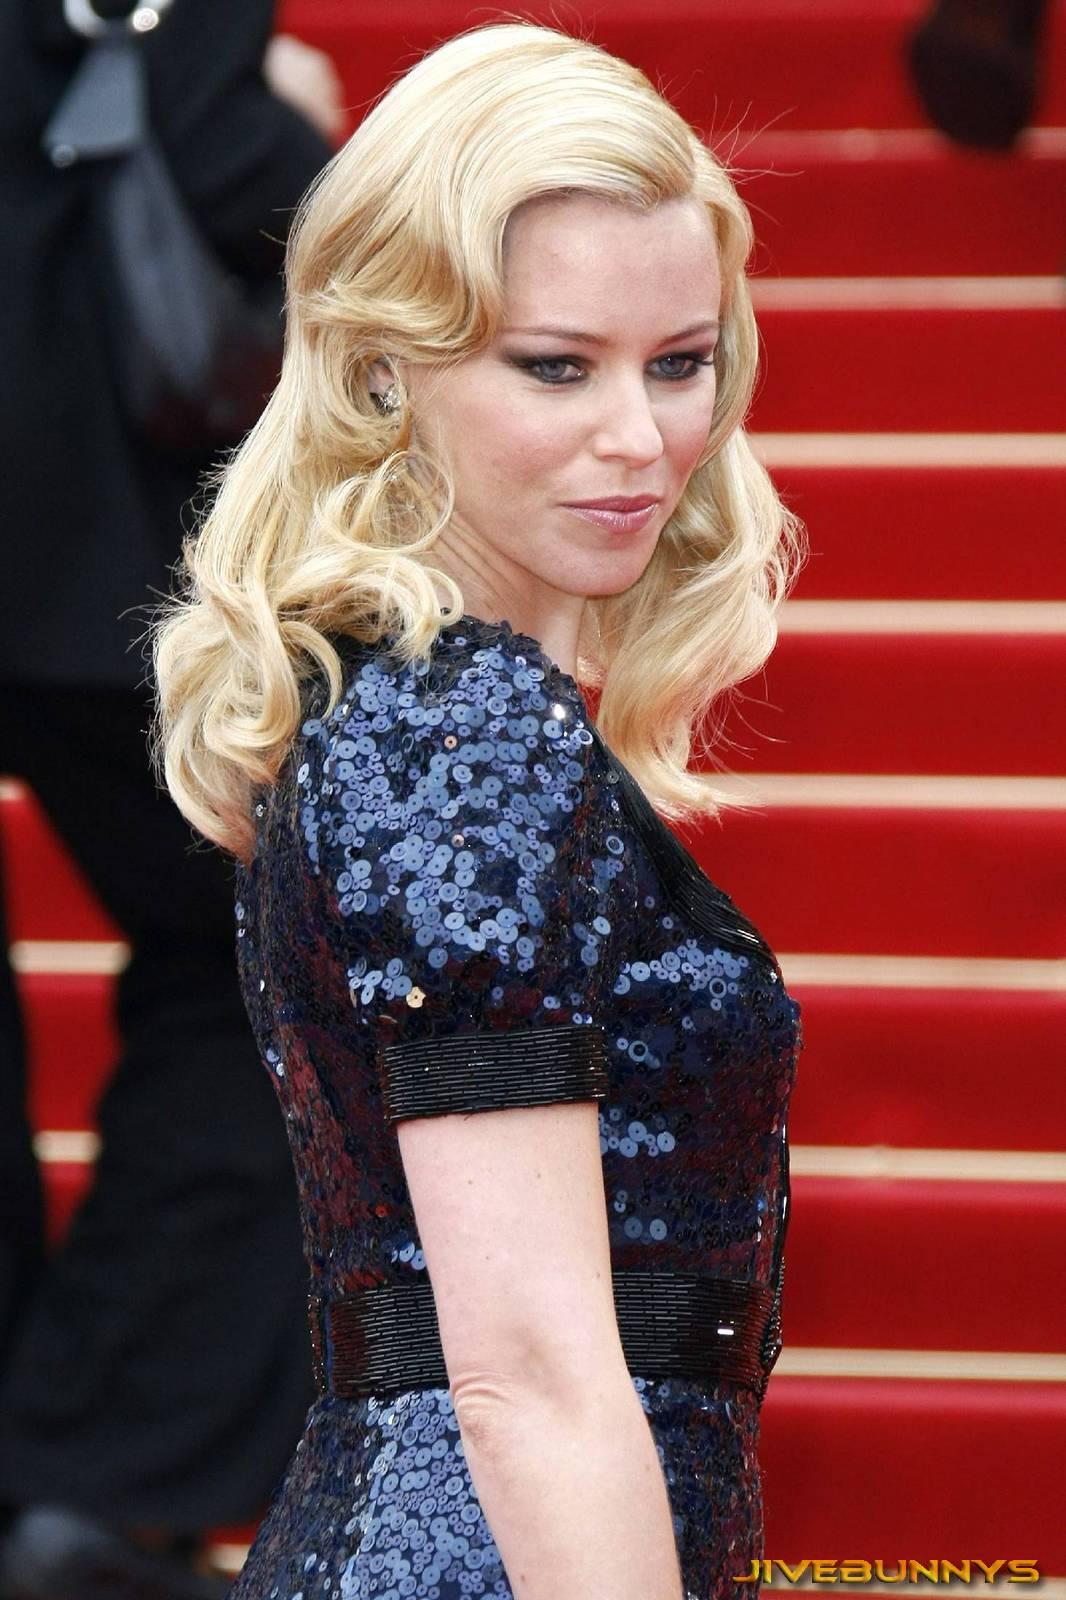 http://3.bp.blogspot.com/-yGSDFQOkhzM/T3XC9dhxZSI/AAAAAAAADoc/jjQexOjDTp0/s1600/elizabeth-banks-actress-celebrity-101007.jpg